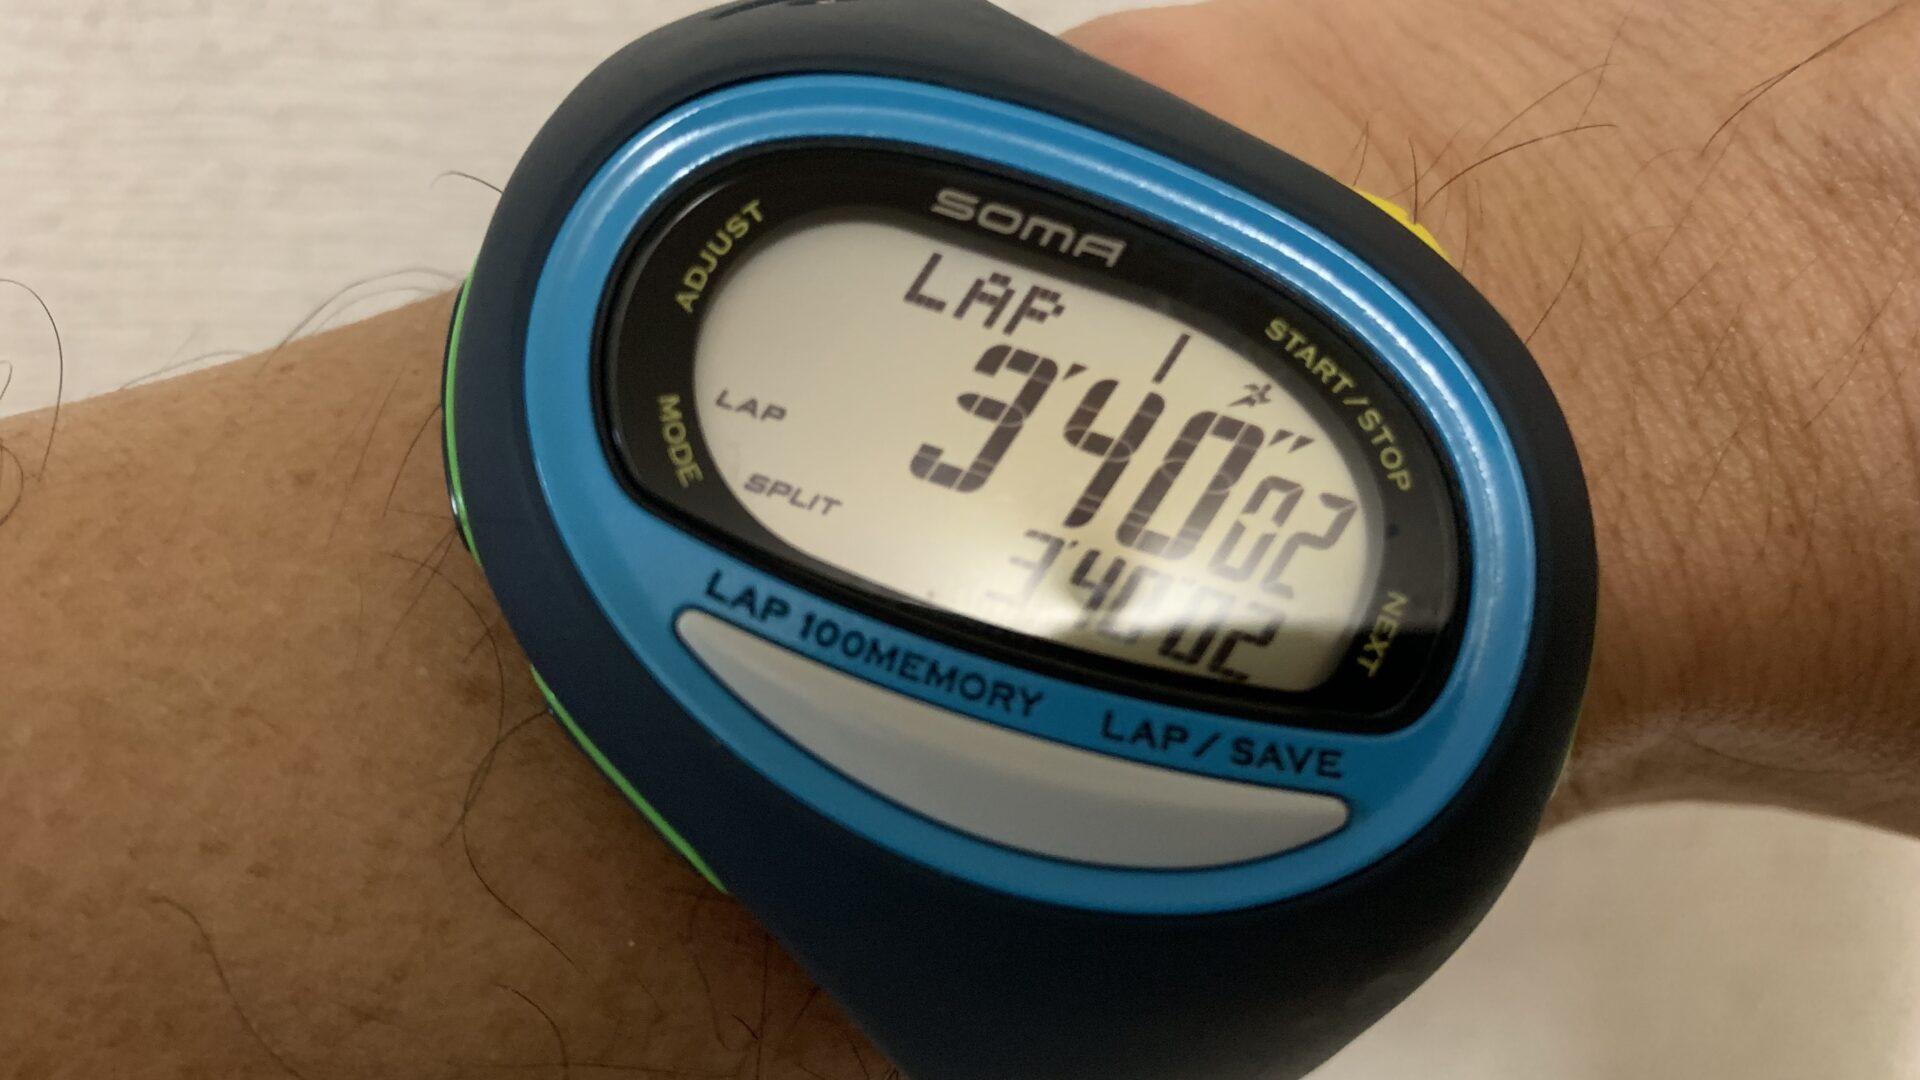 1キロインターバルではっきりした現在の自分の3分40秒/kmペースの余裕度